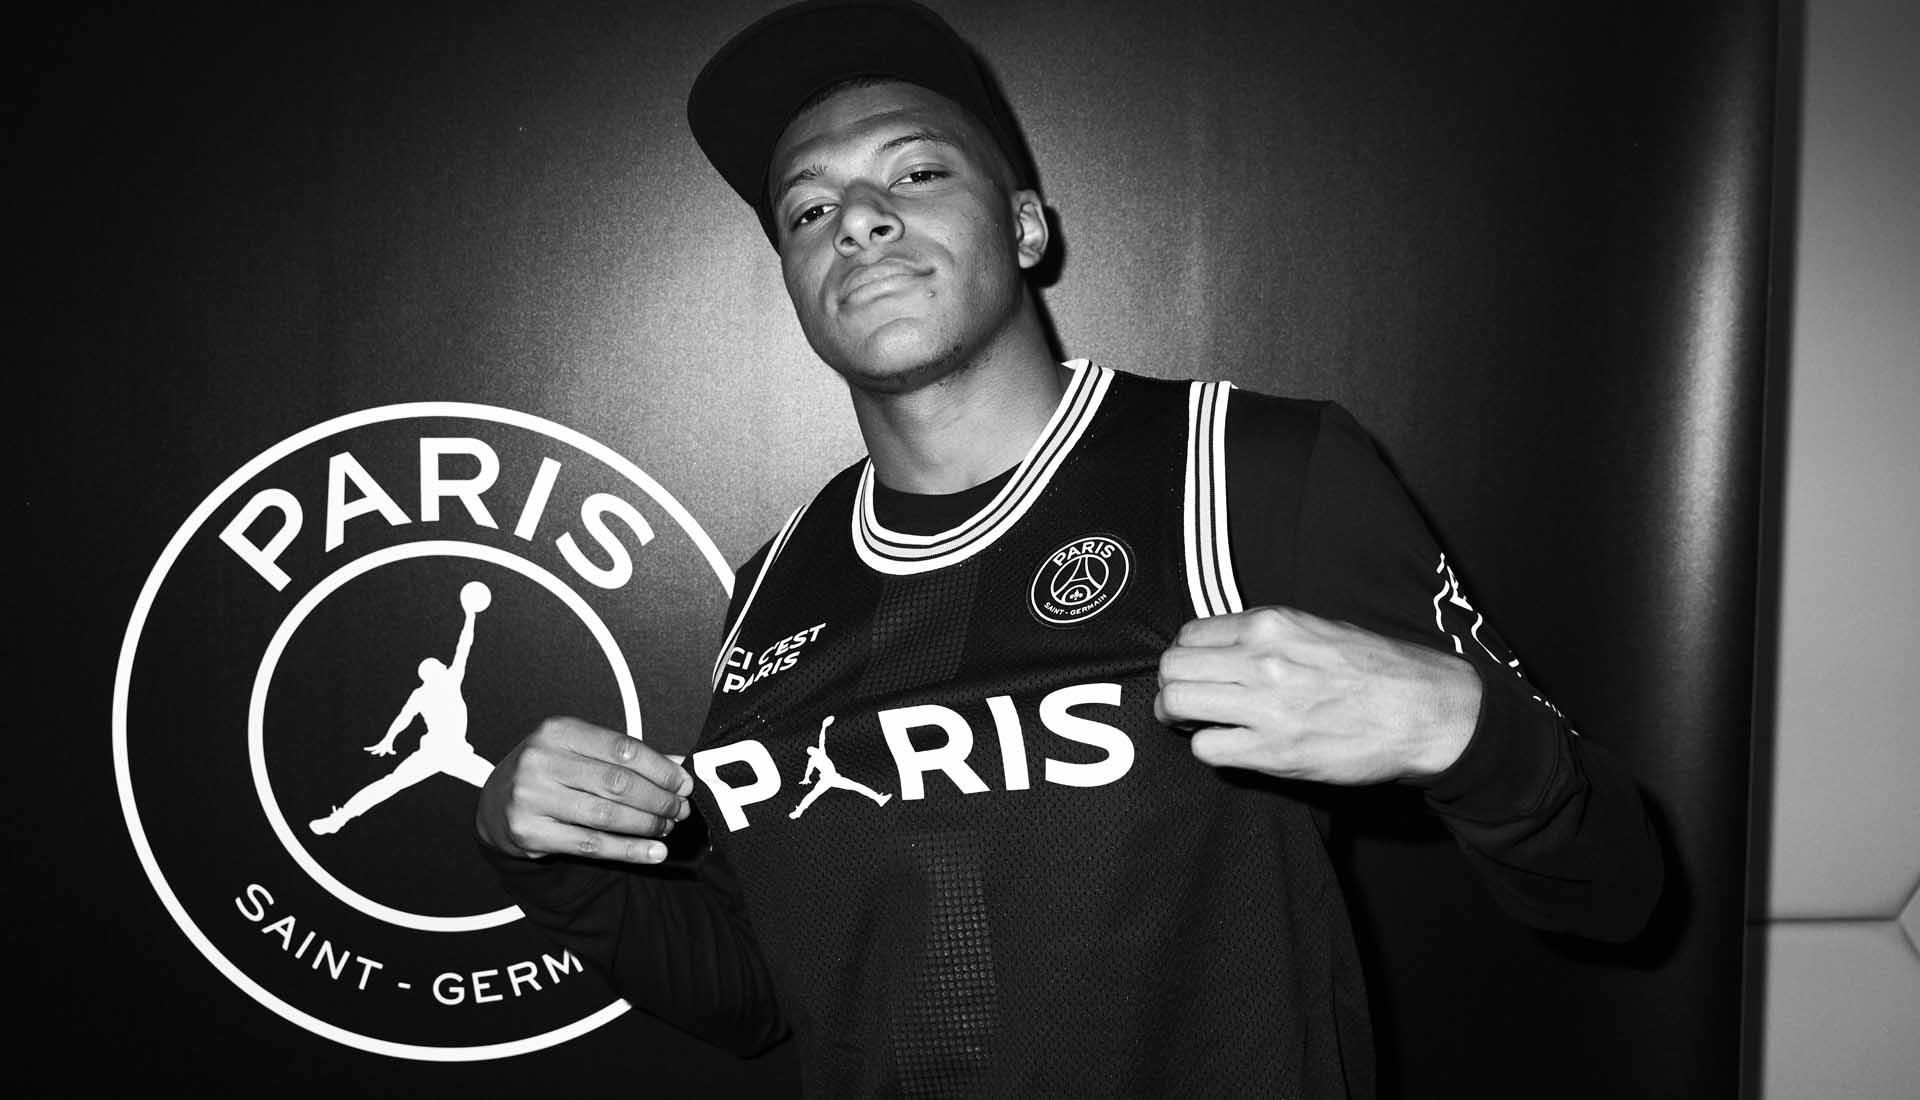 Jordan PSG Mbappe